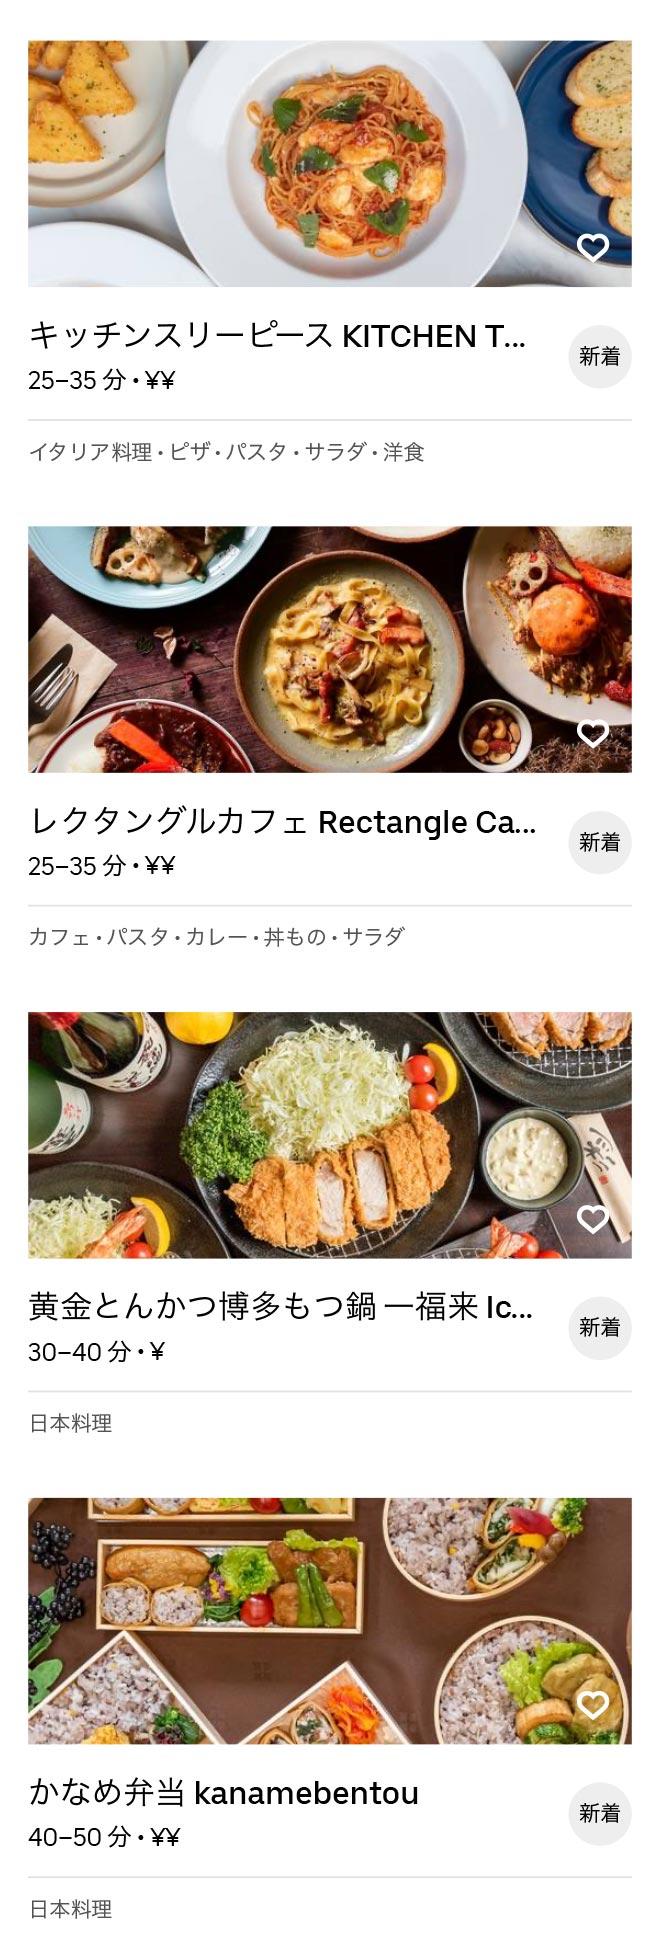 Tobu utsunomiya menu 200609